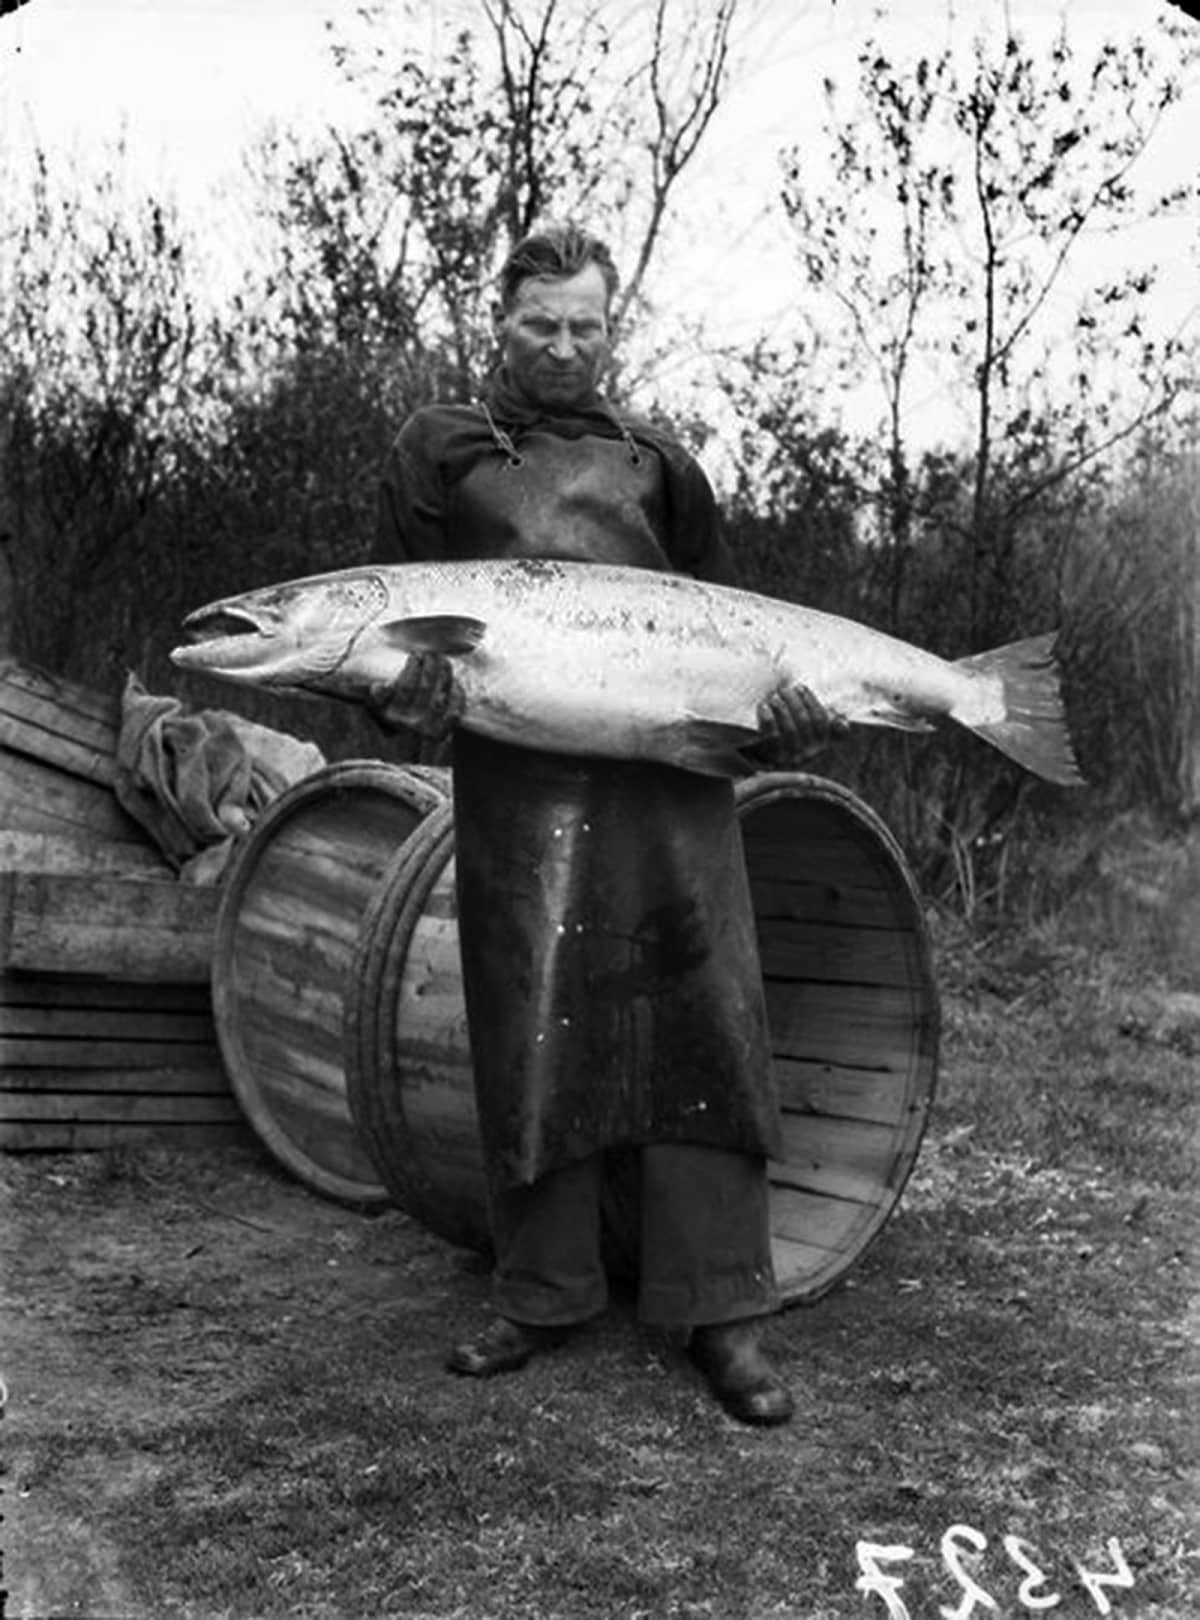 Kellolaisten kalastajien Oulunjokisuulla olleesta rysästään saama jättiläismäinen lohi 28,5 kg, 8.6. 1944.